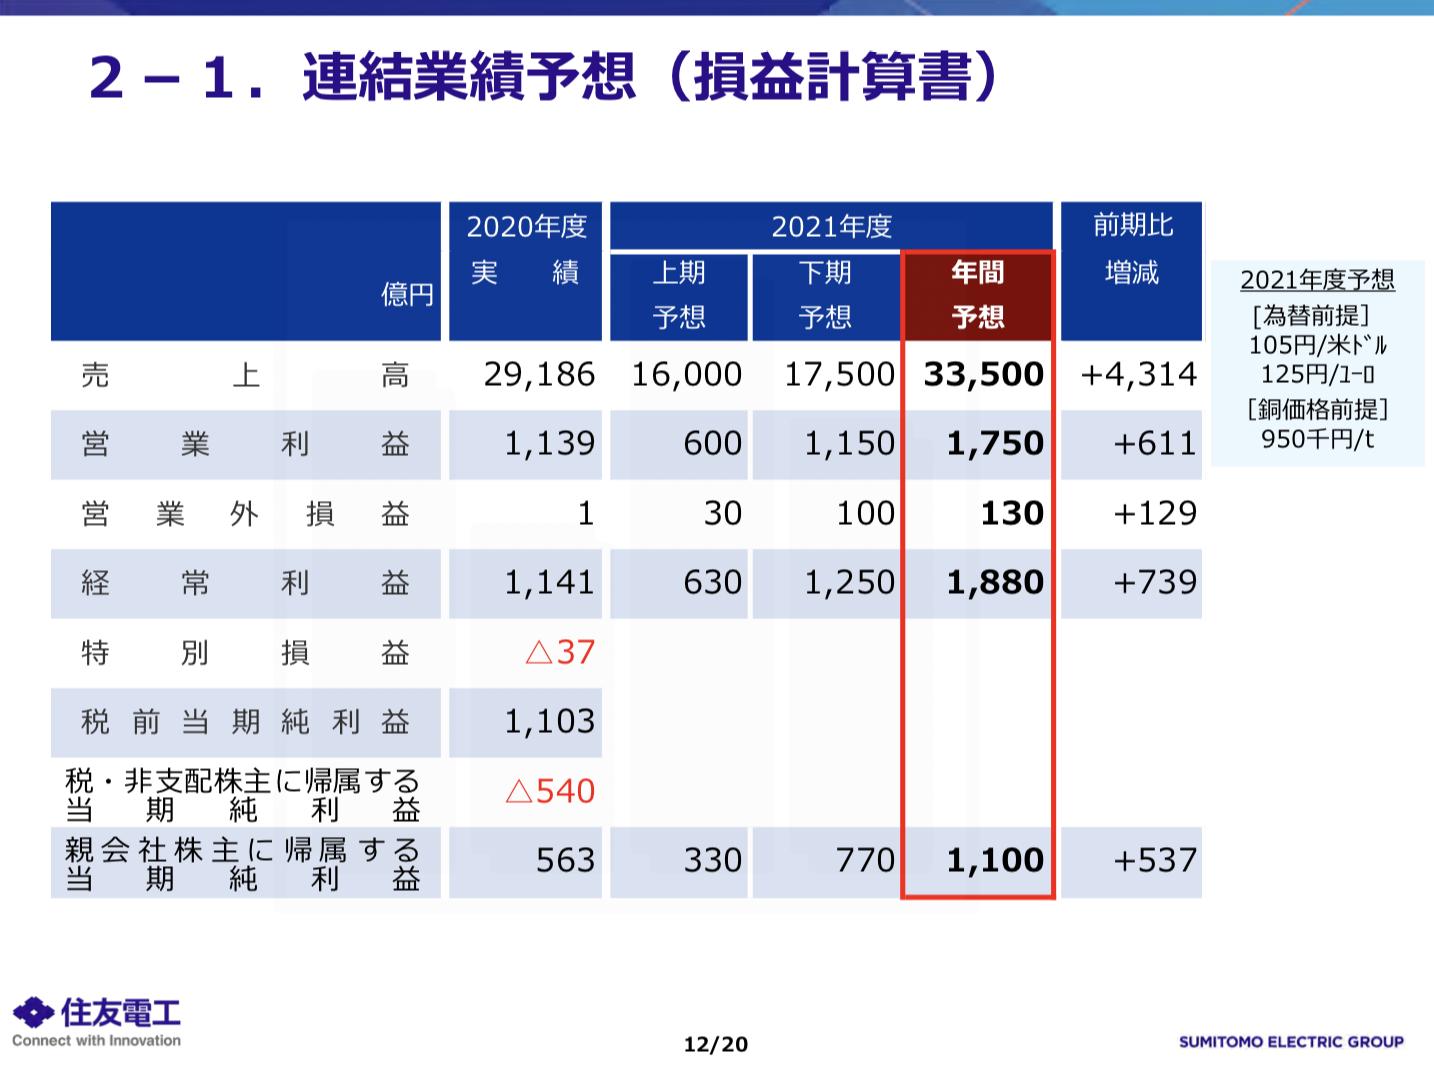 住友電気工業株式会社 2020年度の業績と2021年度の見通し